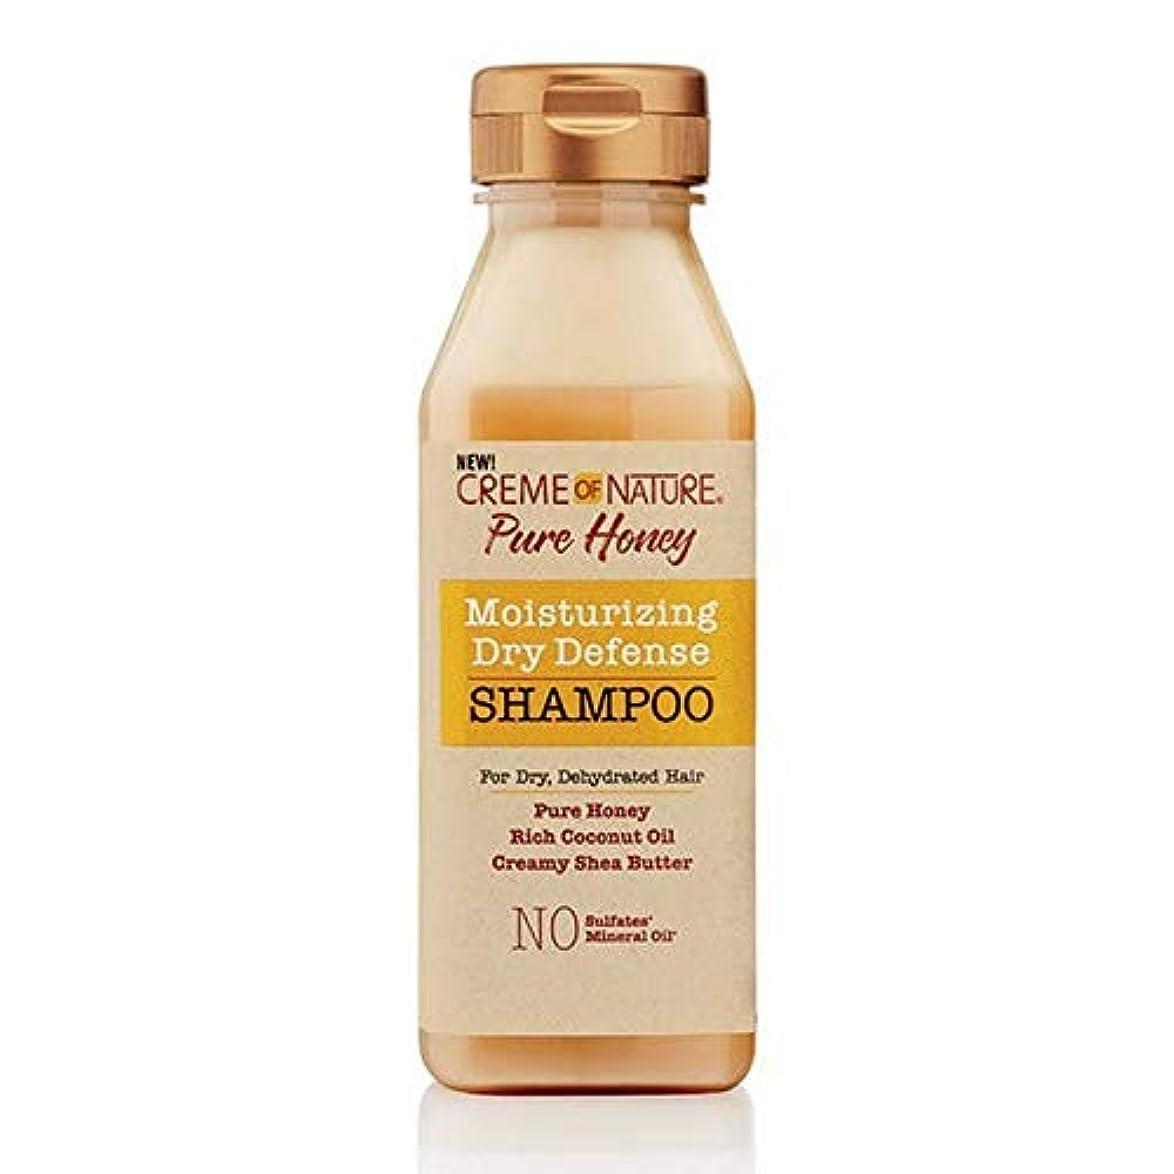 開いた非効率的な前提条件[Creme of Nature ] 自然の純粋な蜂蜜の保湿乾燥防衛シャンプーのクリーム - Creme of Nature Pure Honey Moisturising Dry Defence Shampoo [並行輸入品]